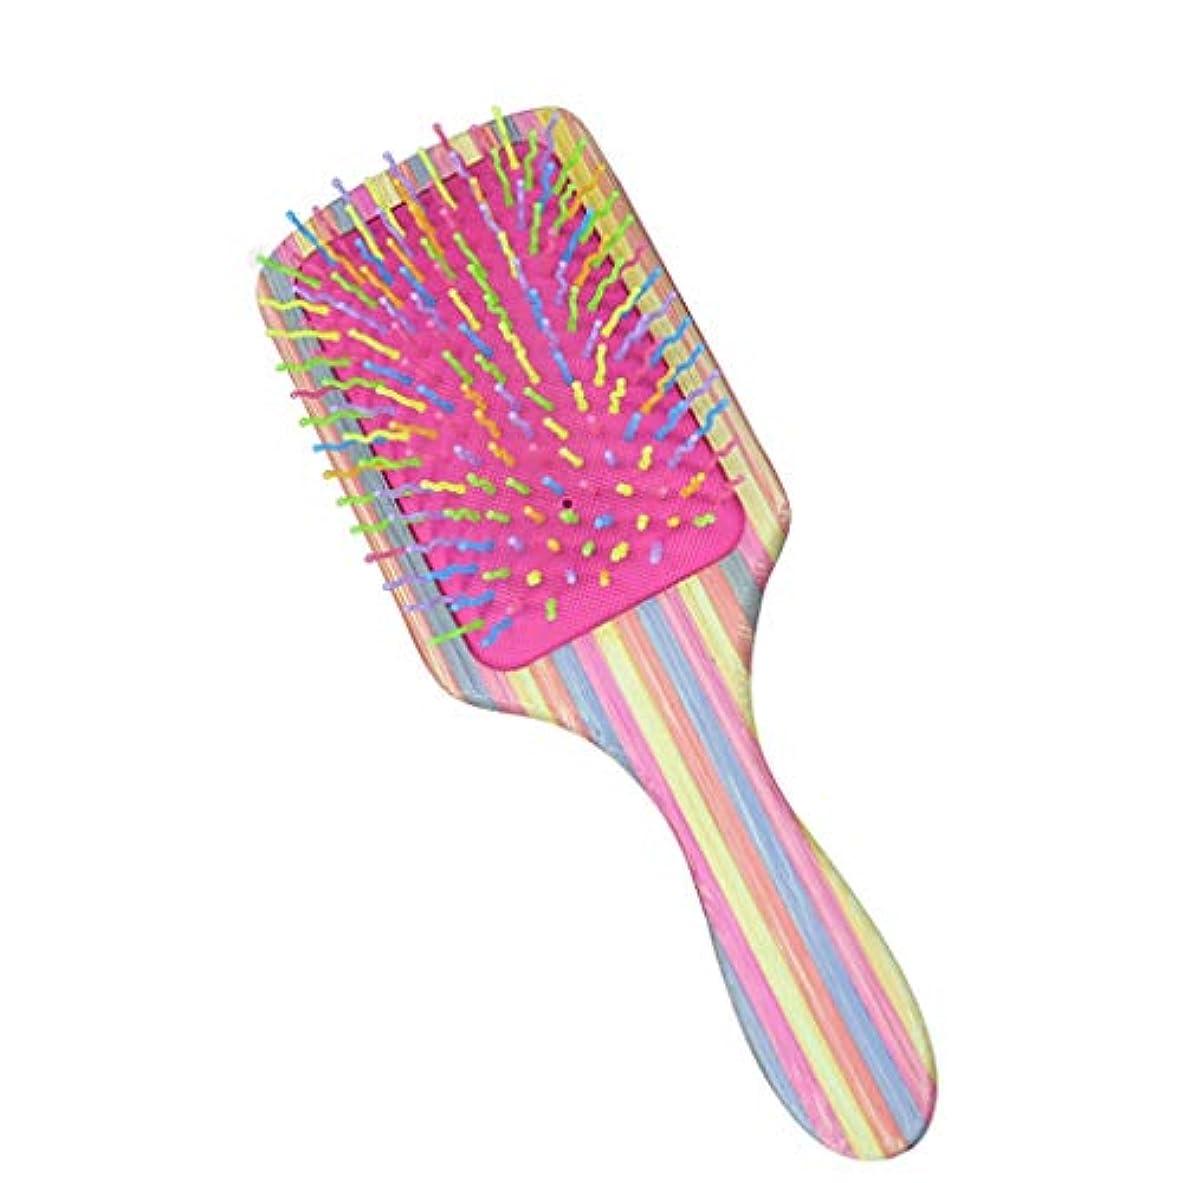 外出ホール成長くし児童エアバッグエアクッションコームマッサージヘッドメリディアンコームヘアコームヘアコームくしホームビッグくし (Color : Pink)